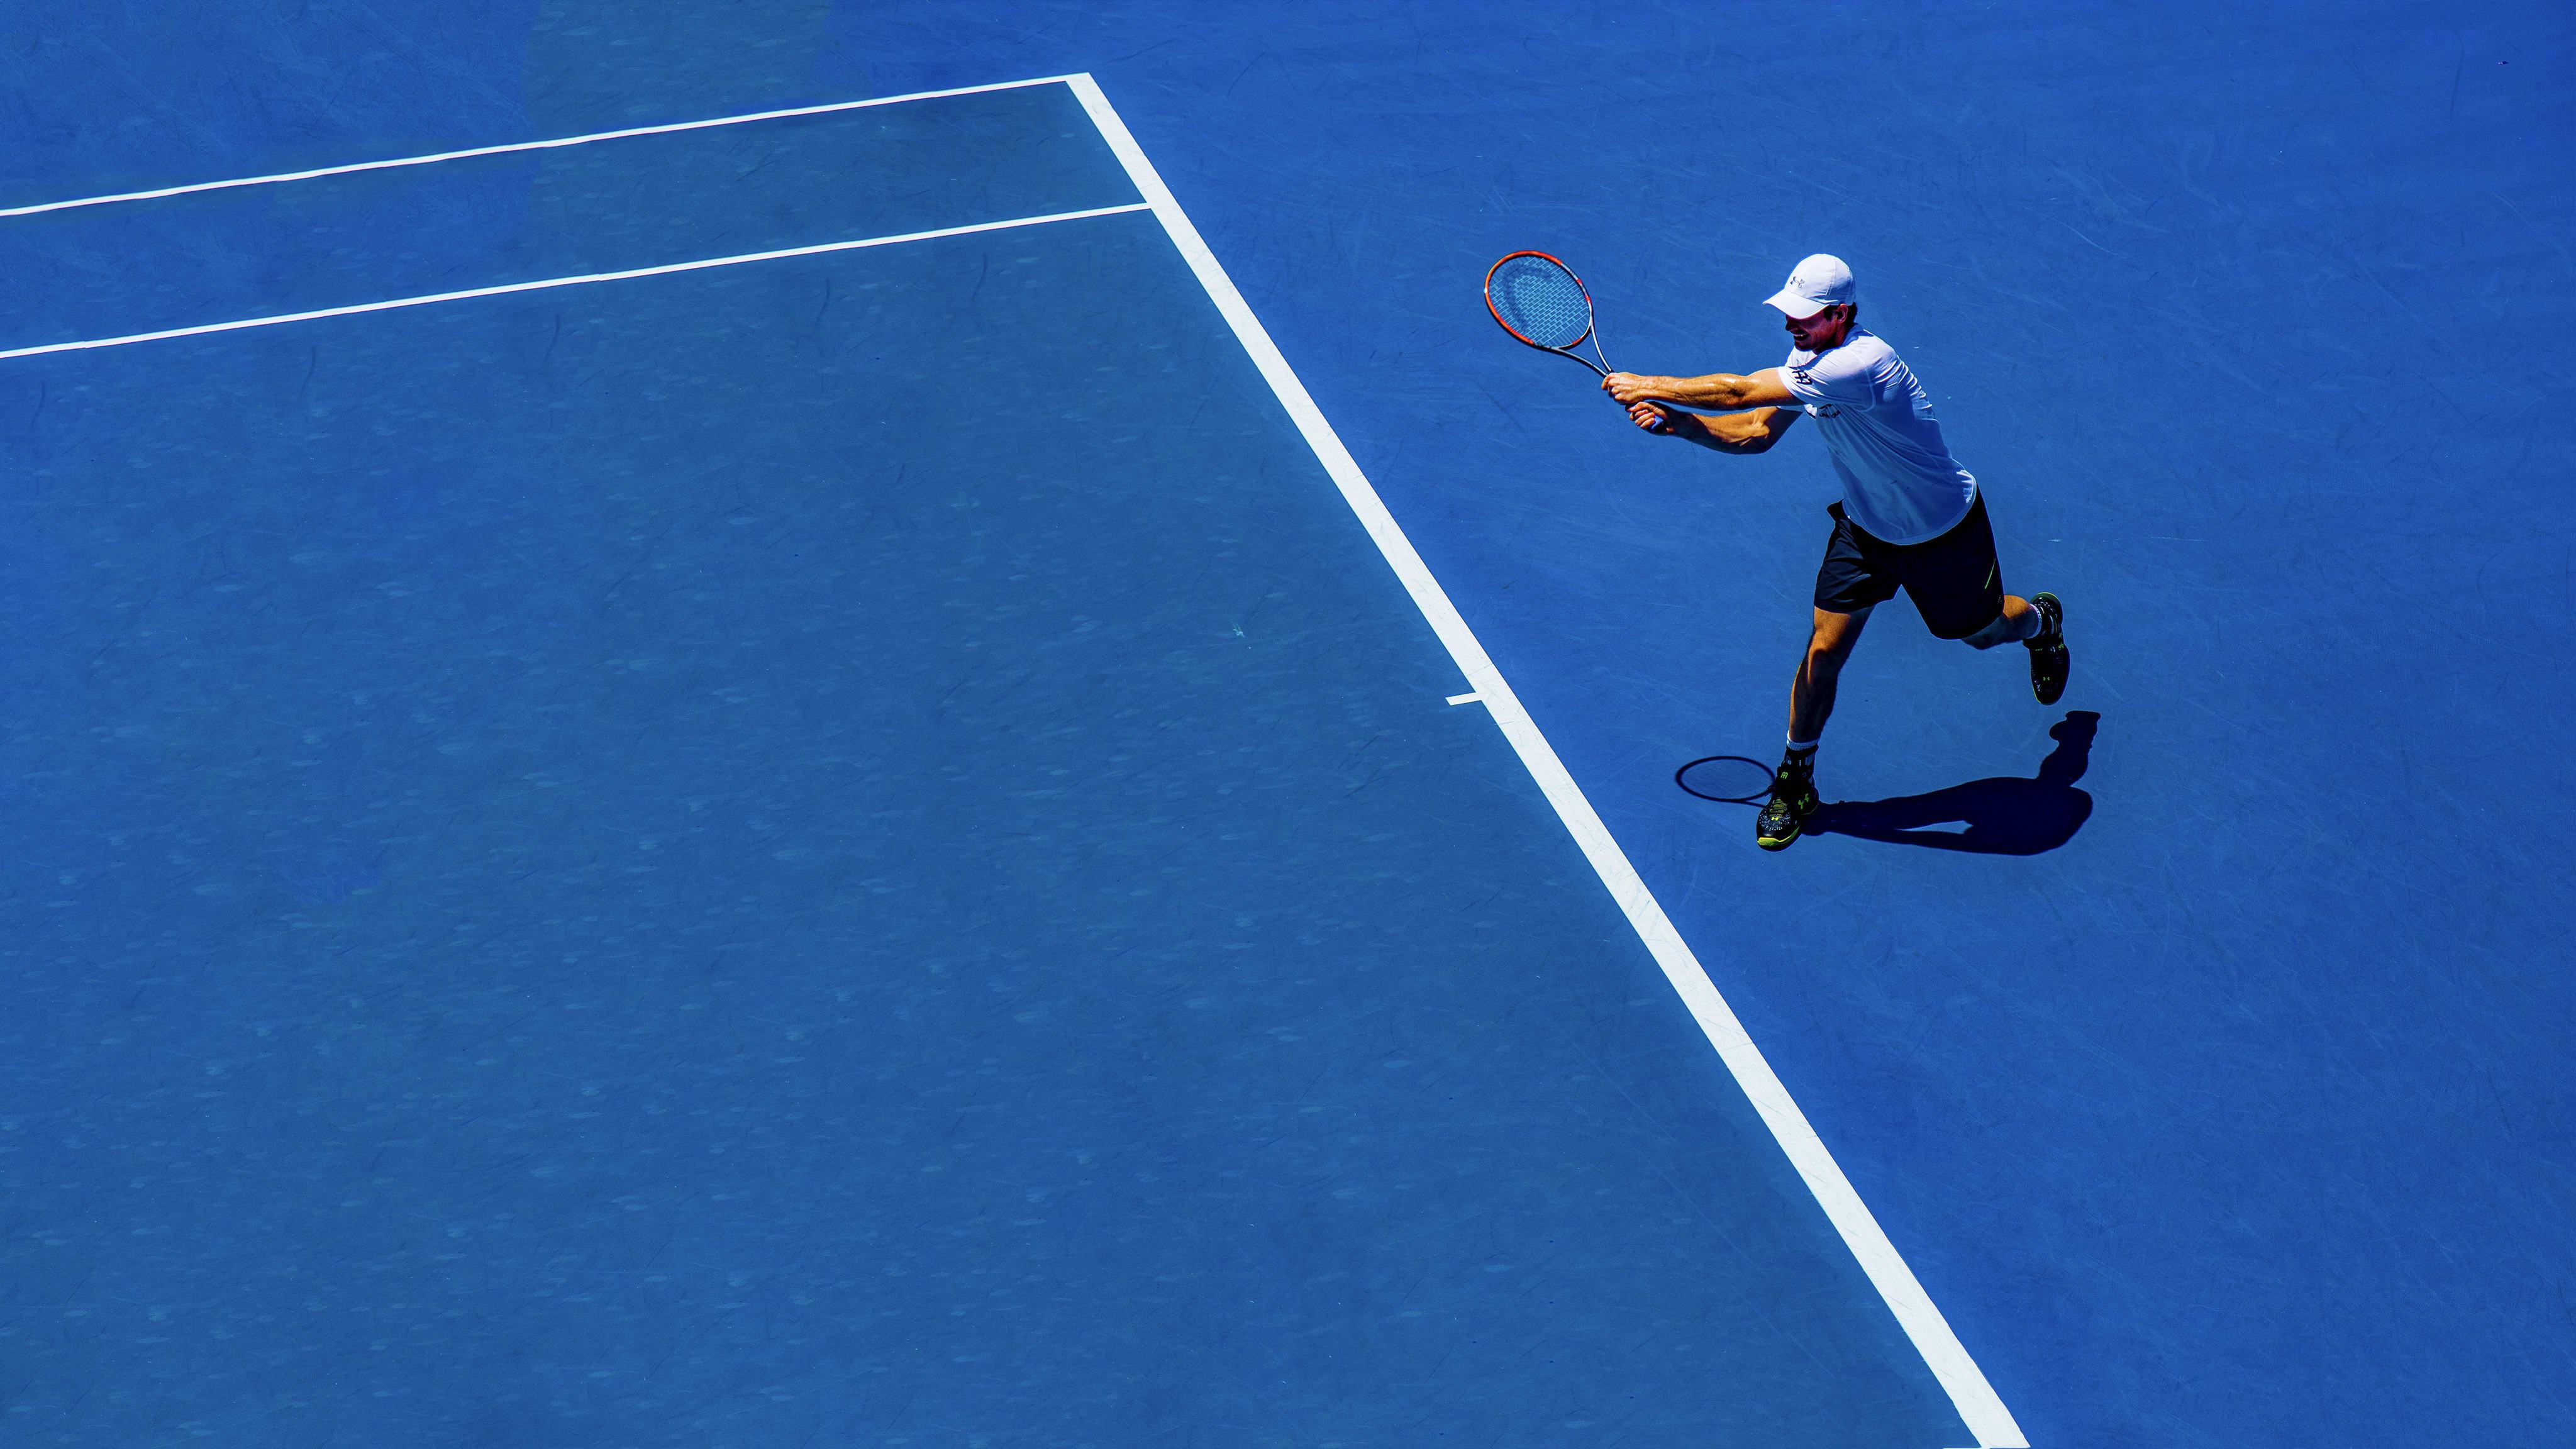 ATP World Tour tennis TV